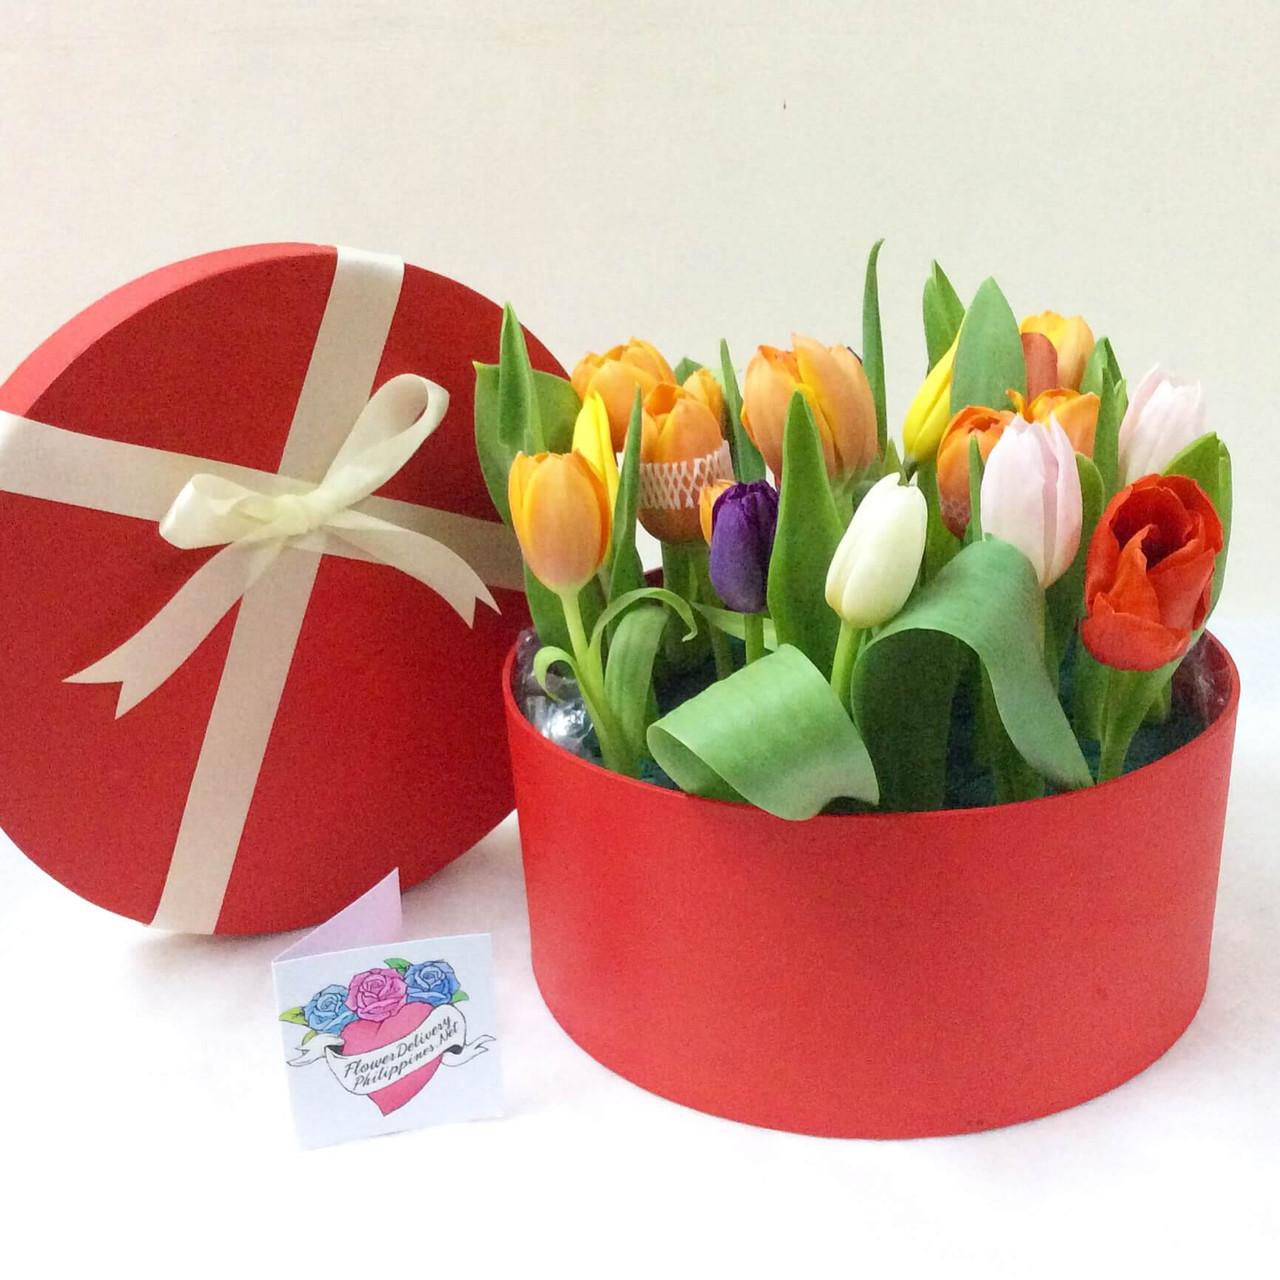 12 Assorted Tulips Round Box